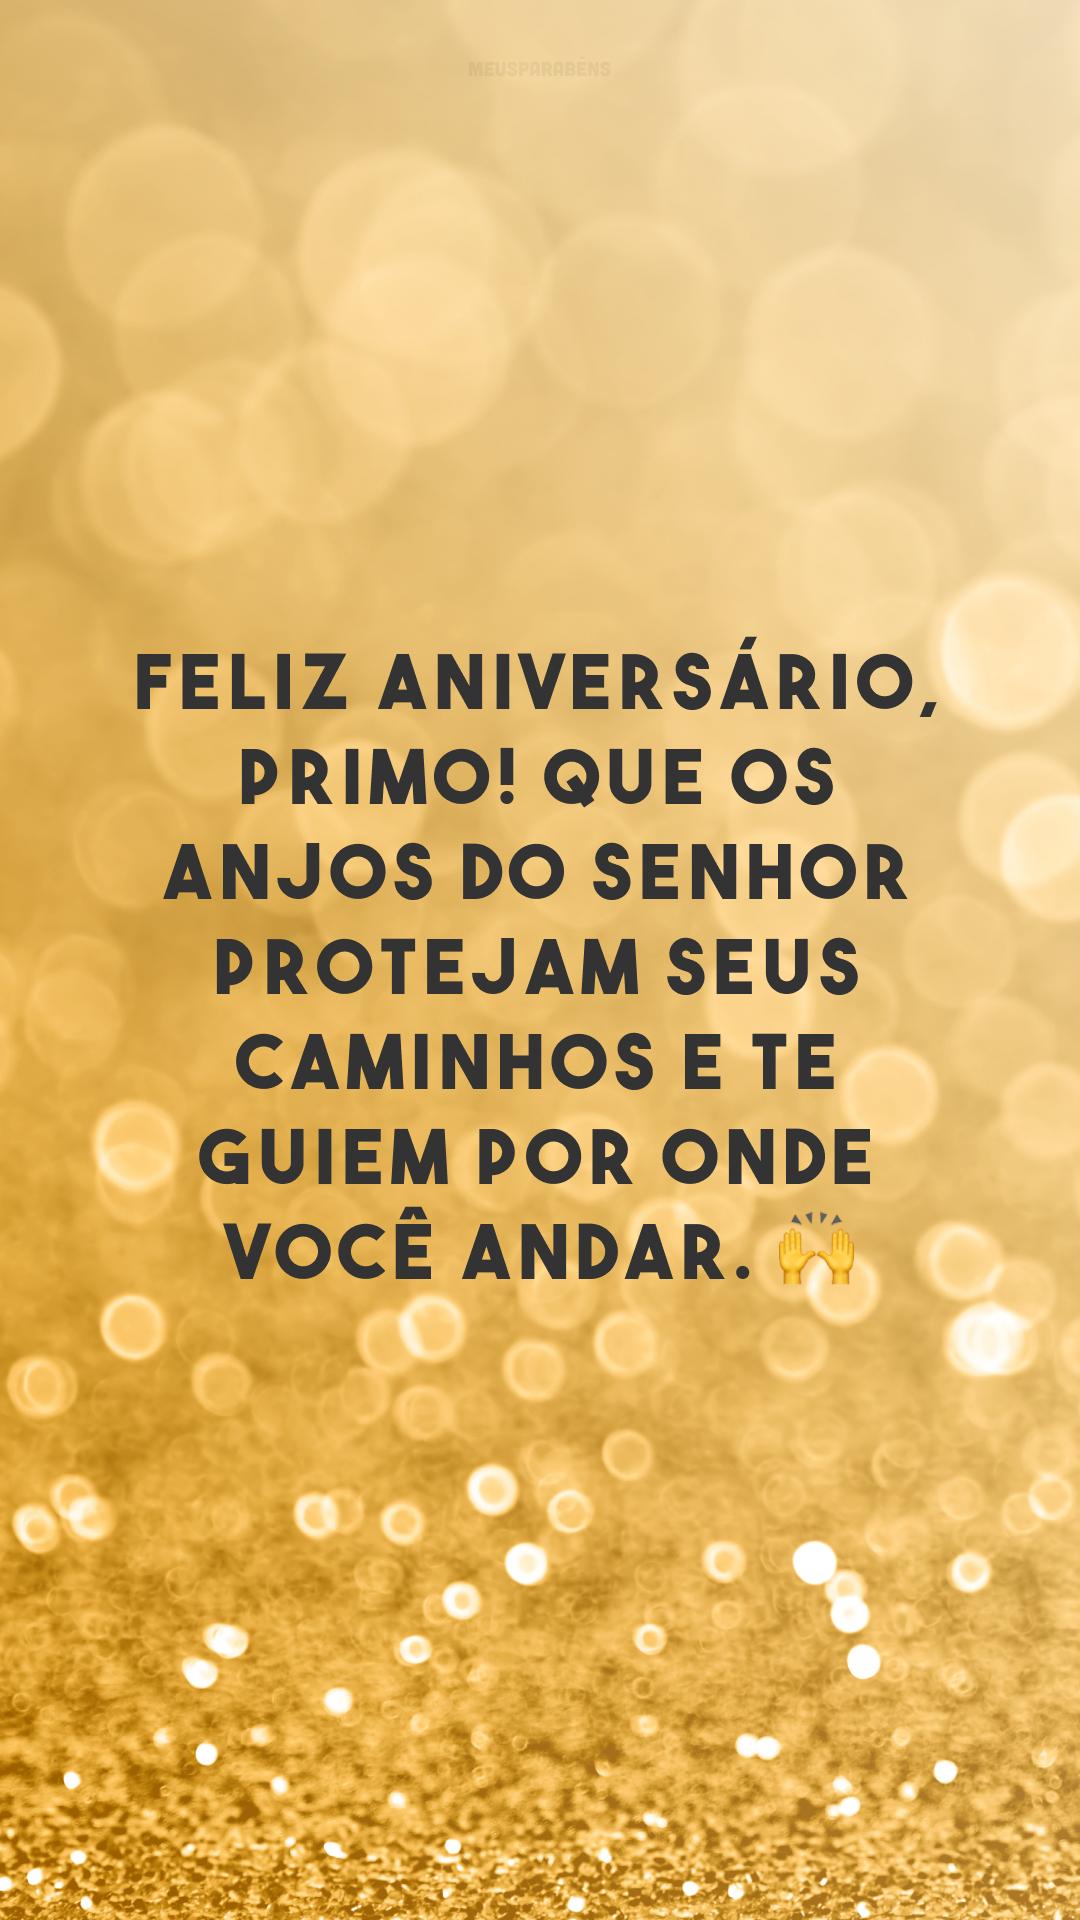 Feliz aniversário, primo! Que os anjos do Senhor protejam seus caminhos e te guiem por onde você andar. 🙌